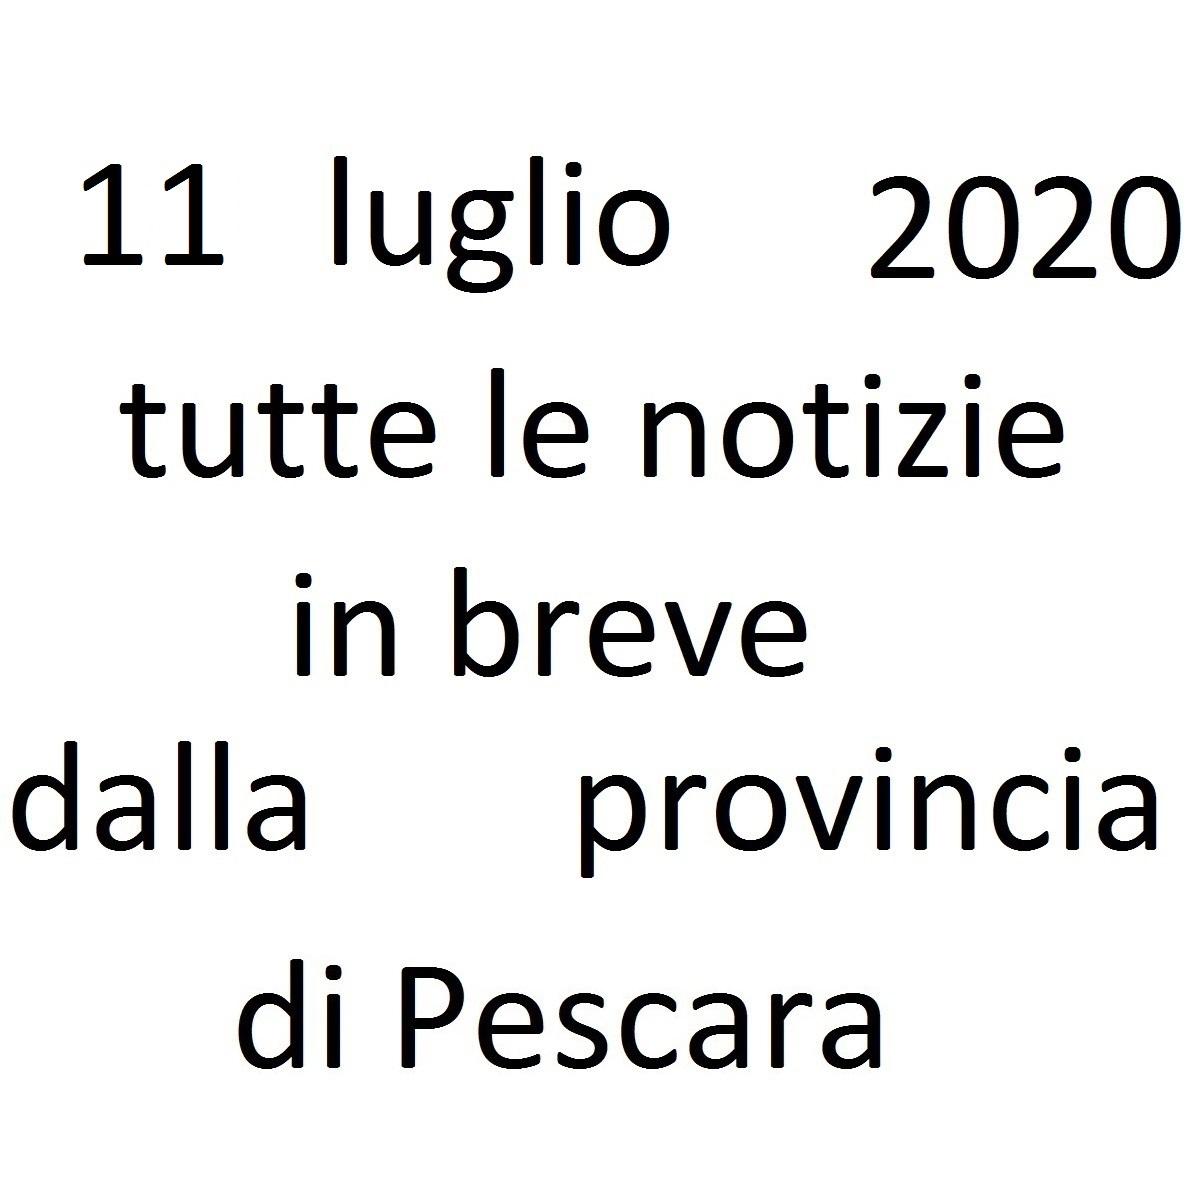 11 luglio 2020 notizie in breve dalla Provincia di Pescara foto